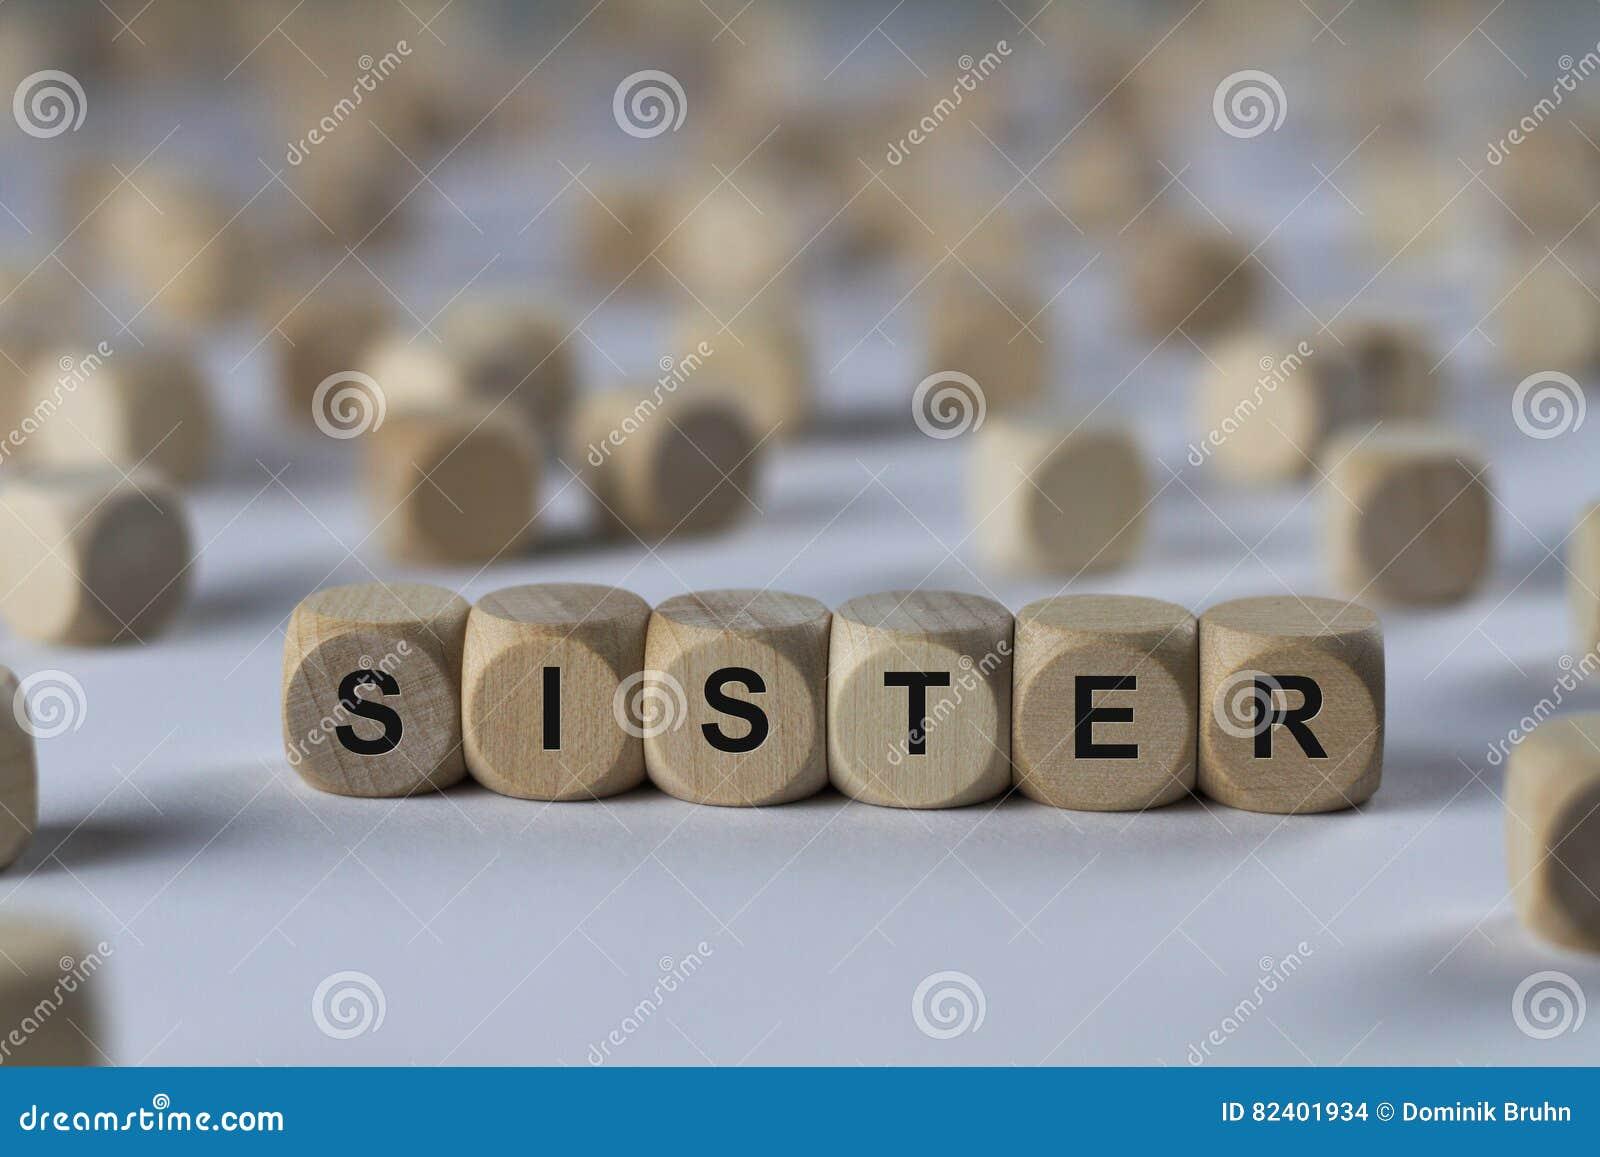 Kast Houten Kubussen : Zuster kubus met brieven teken met houten kubussen stock foto